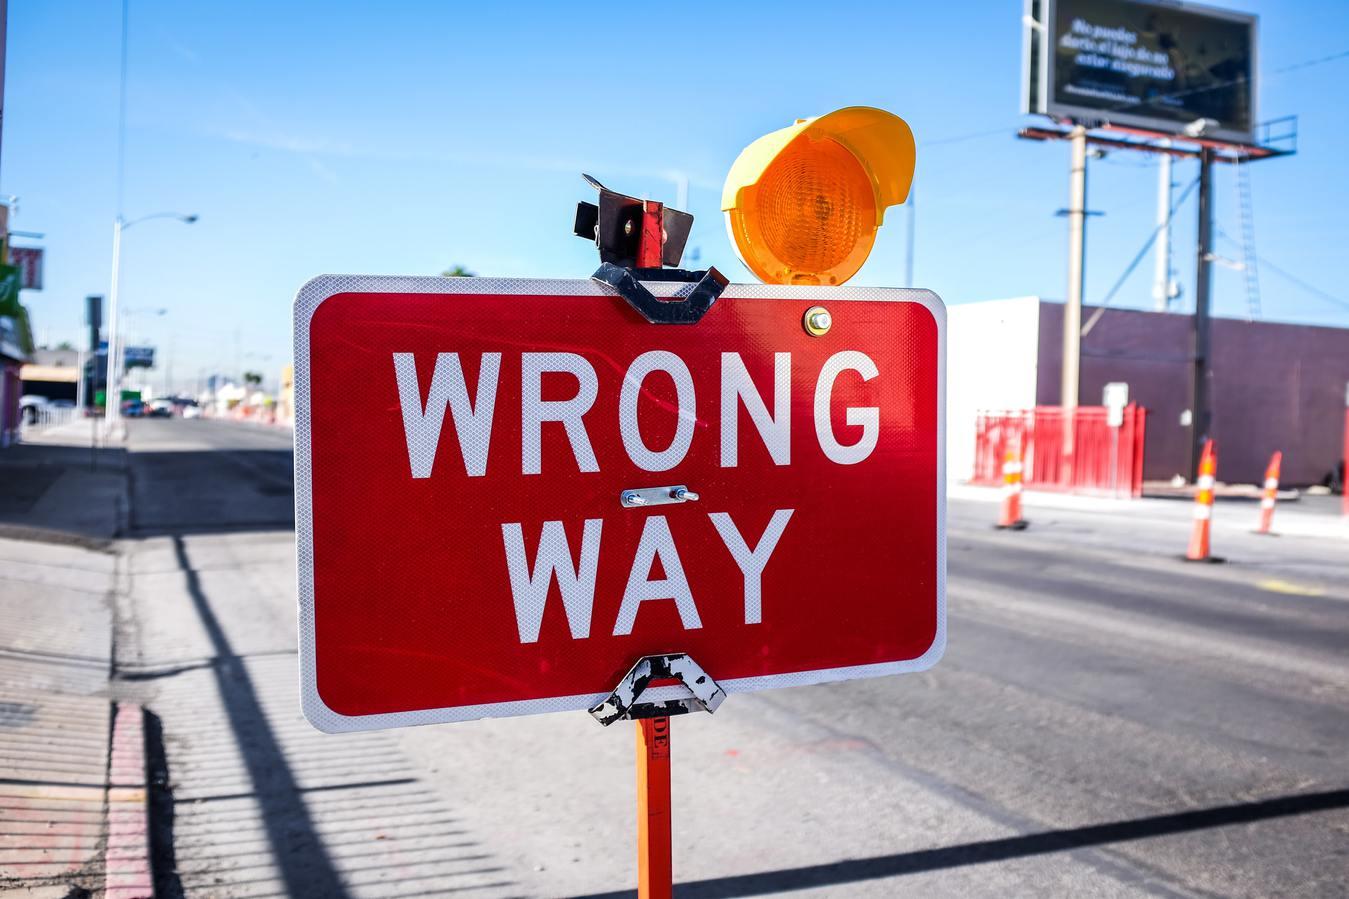 Znak drogowy Wrong Way przy drodze z niebieskim niebem